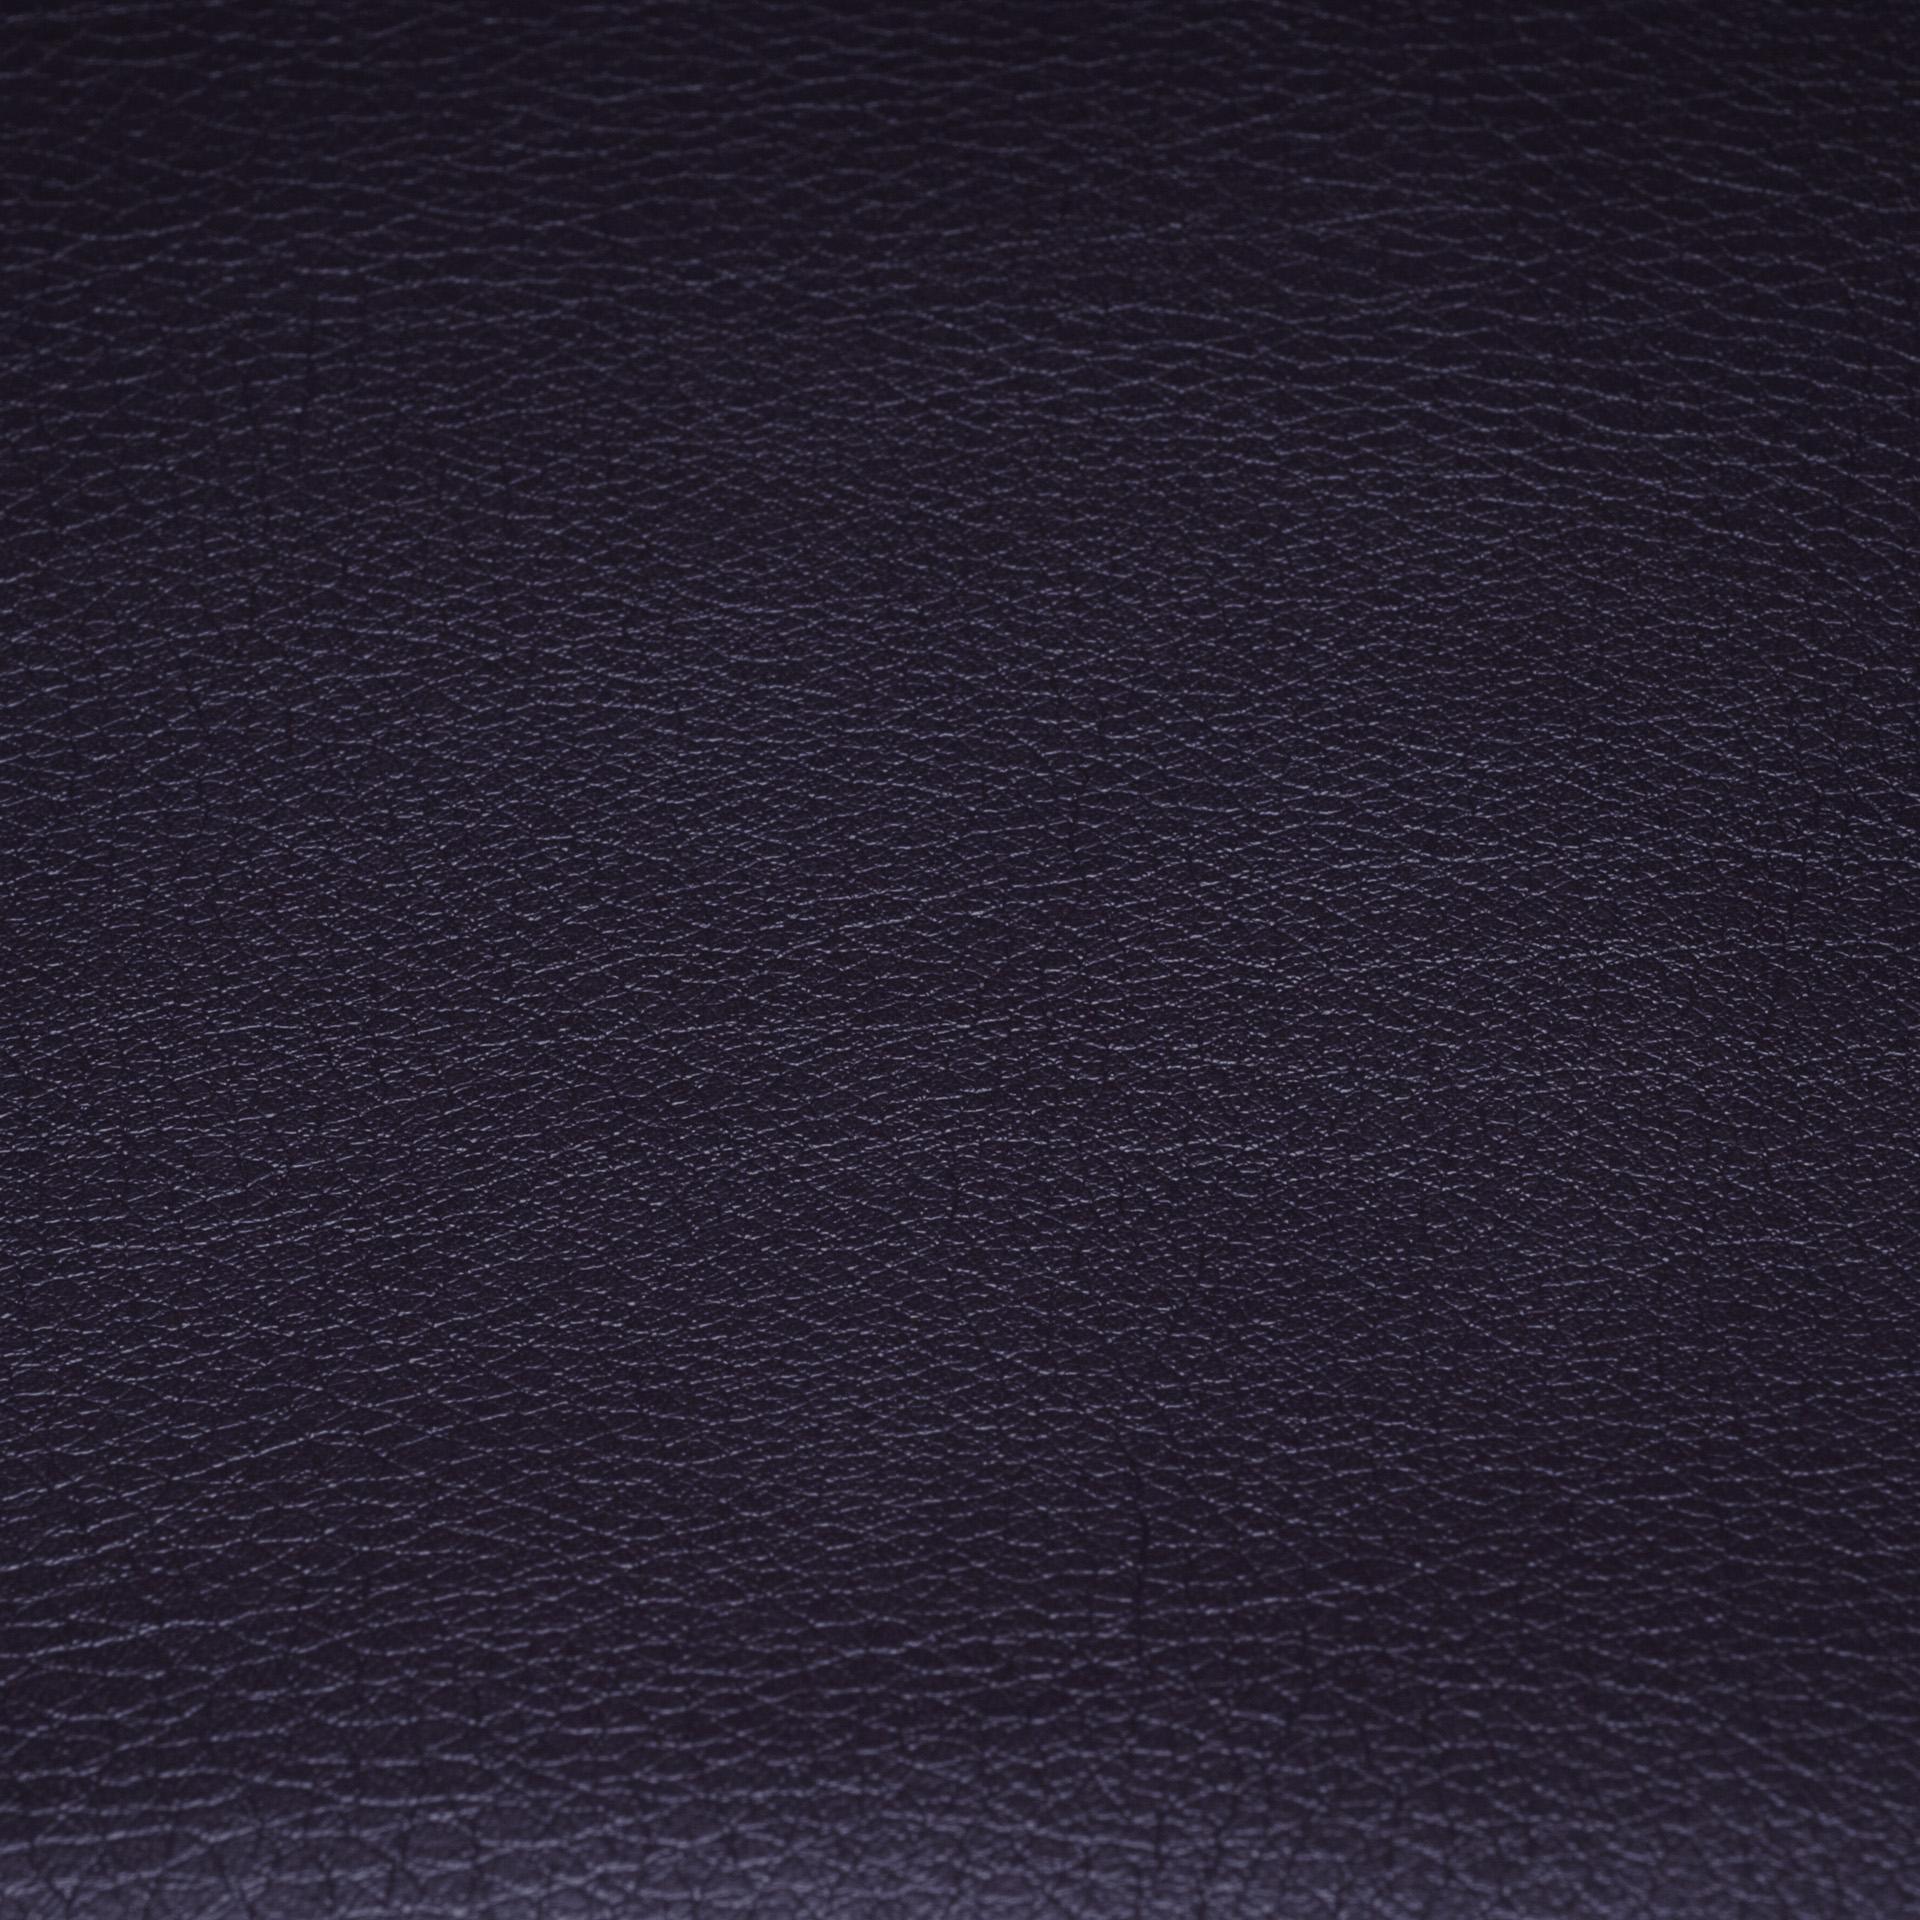 Коллекция ткани Софитель 12 Dark Orchid,  купить ткань Кож зам для мебели Украина